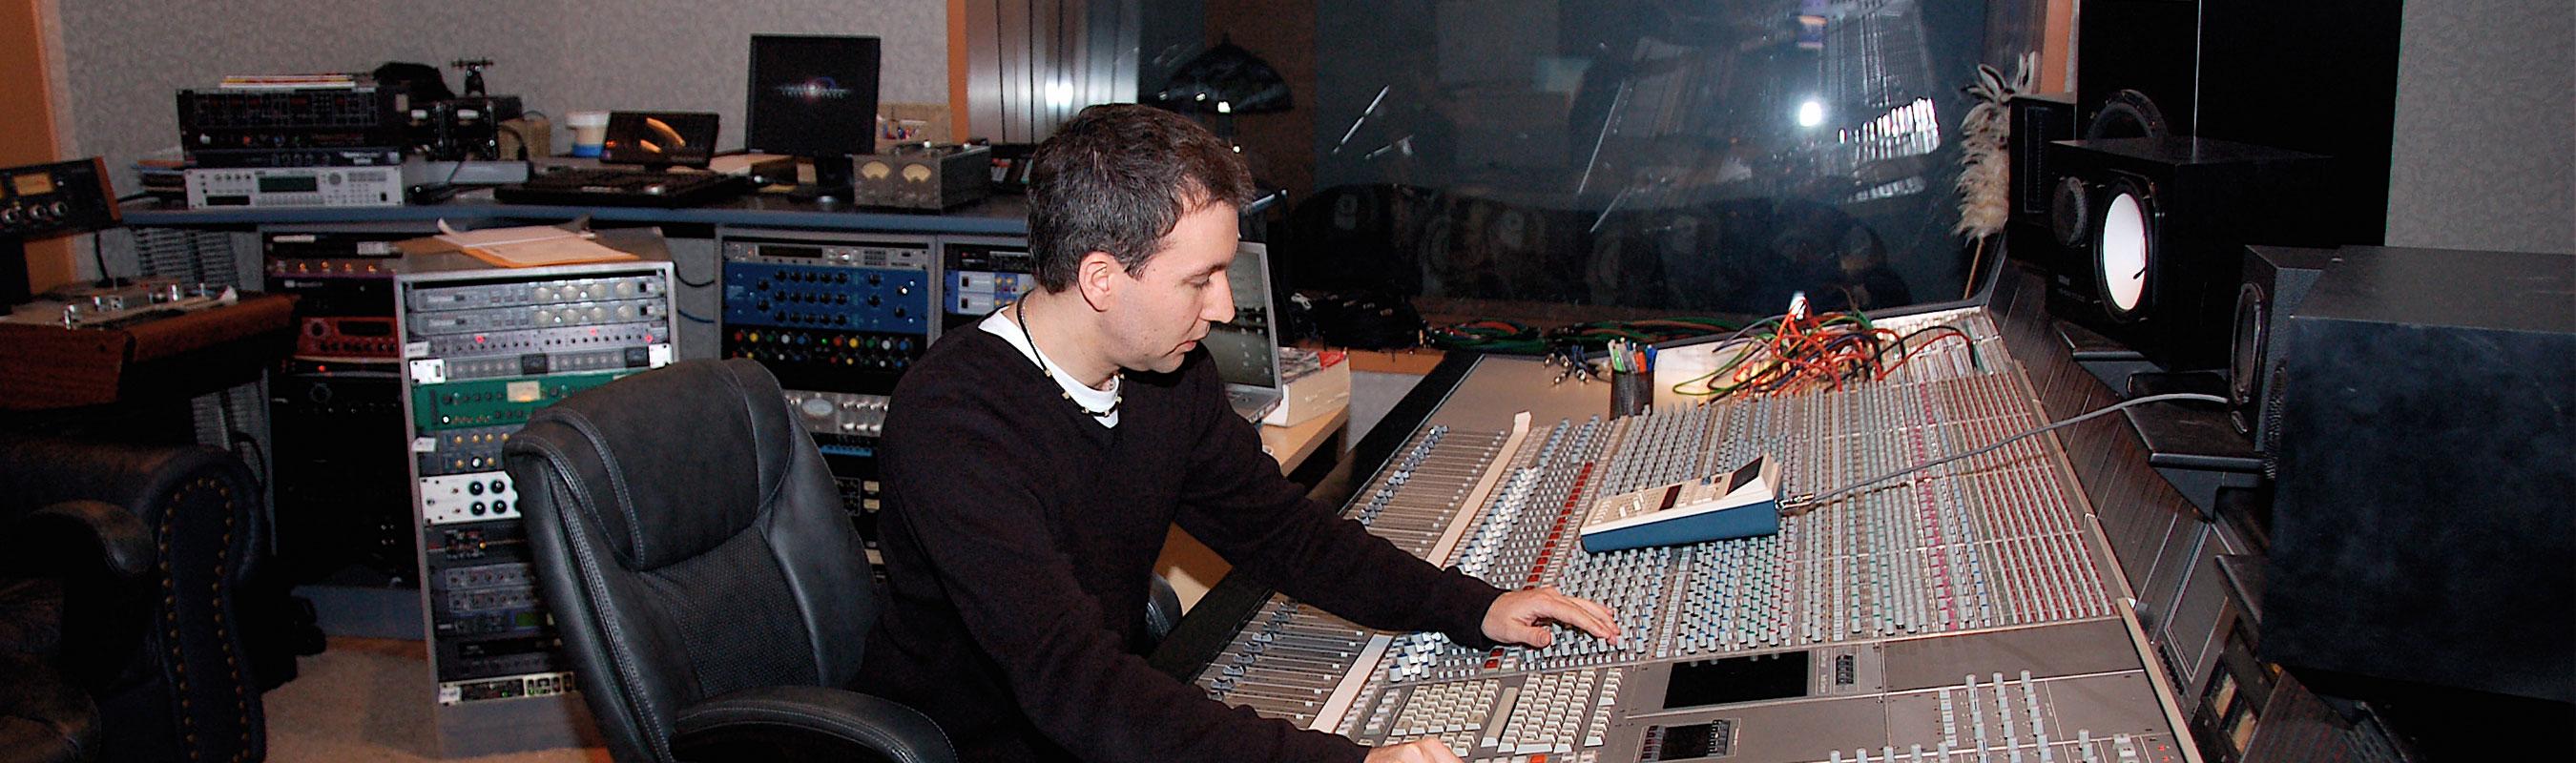 Digital Dreams Audio Production